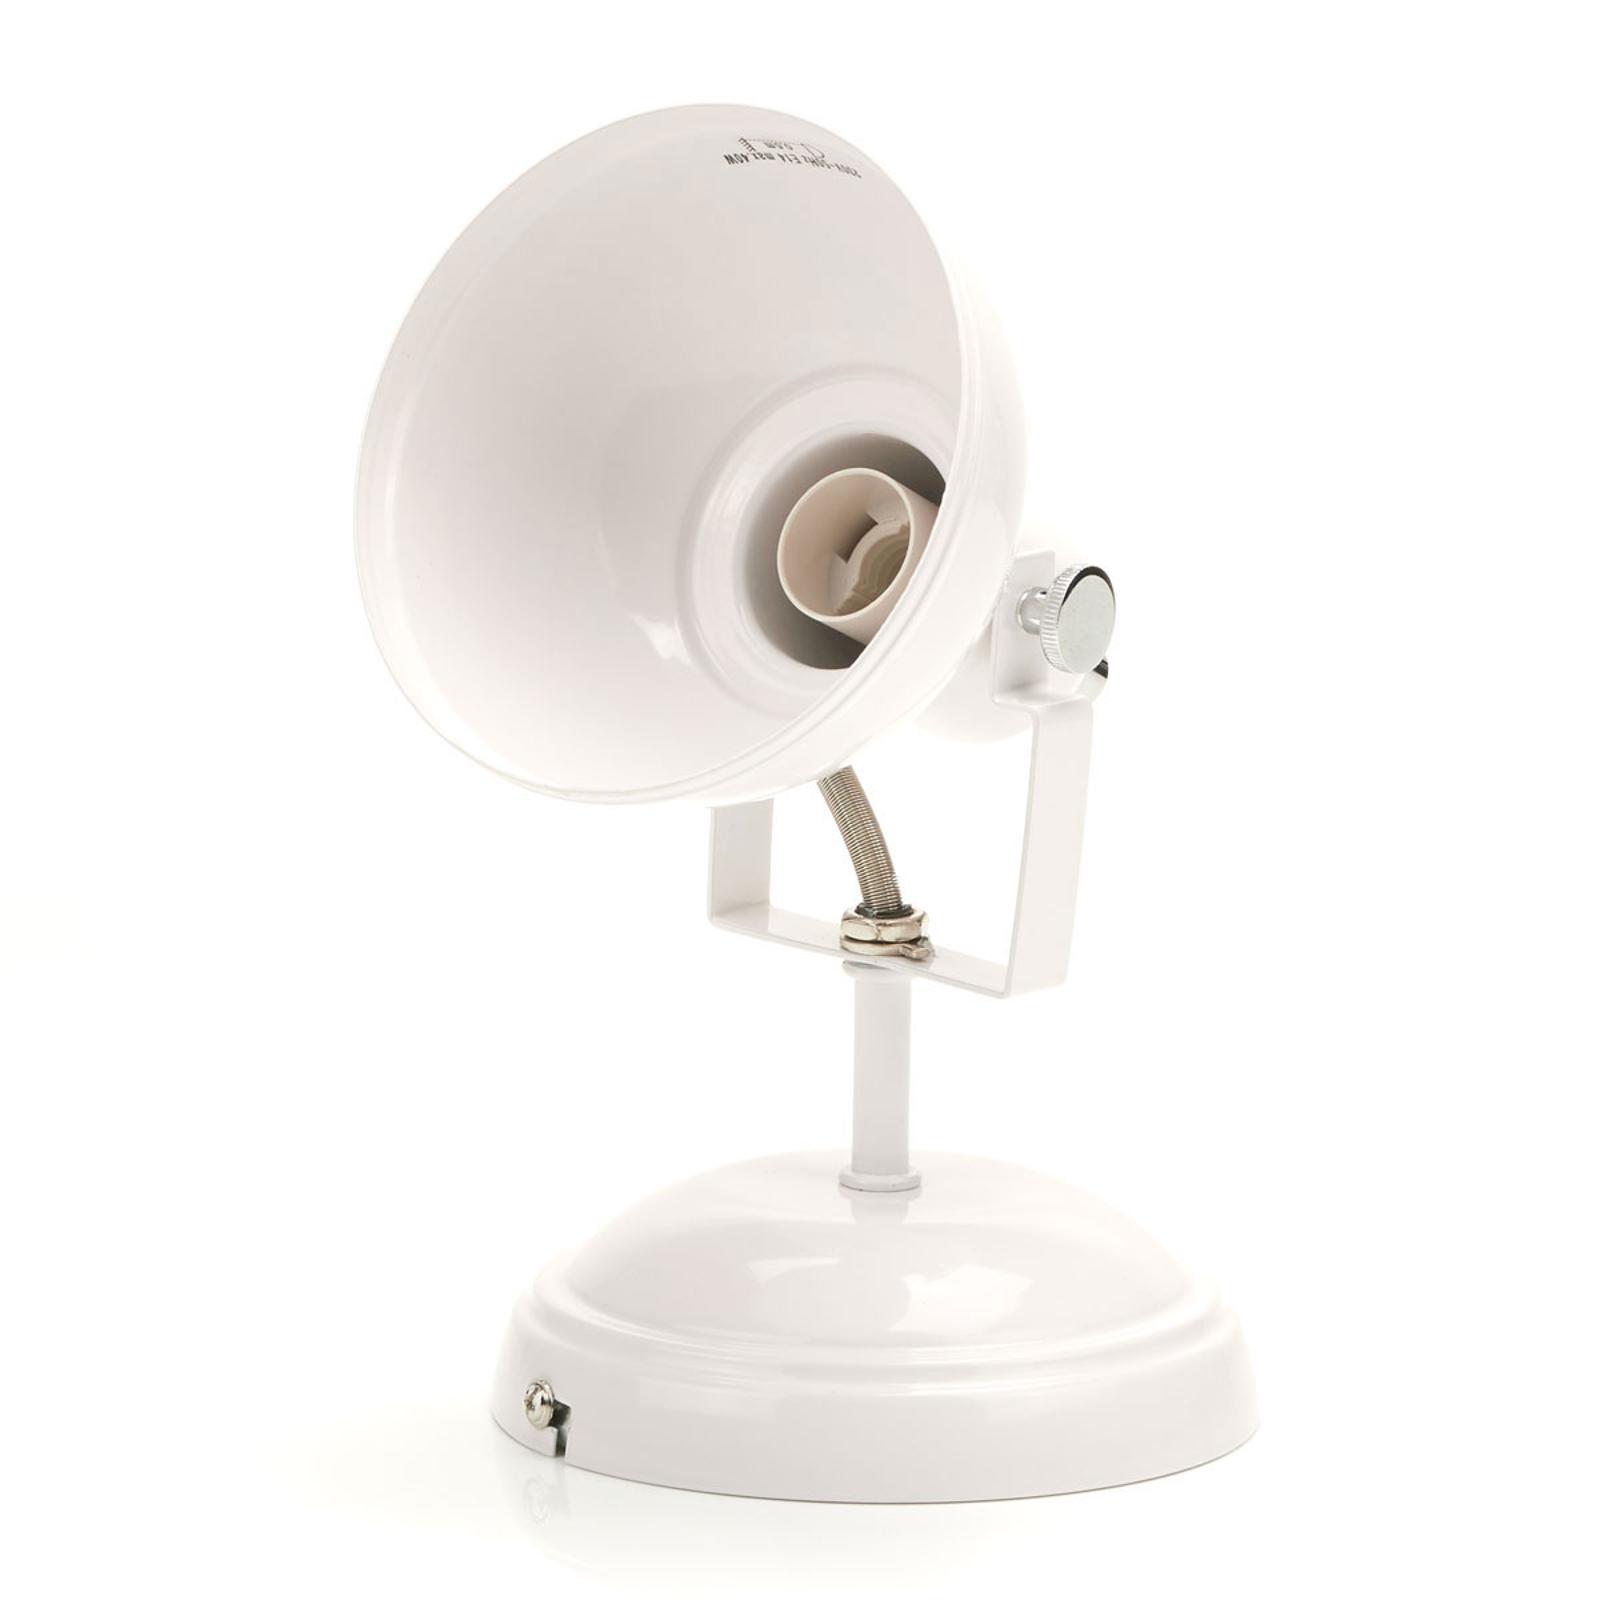 Wandlamp Gina, industrieel ontworpen